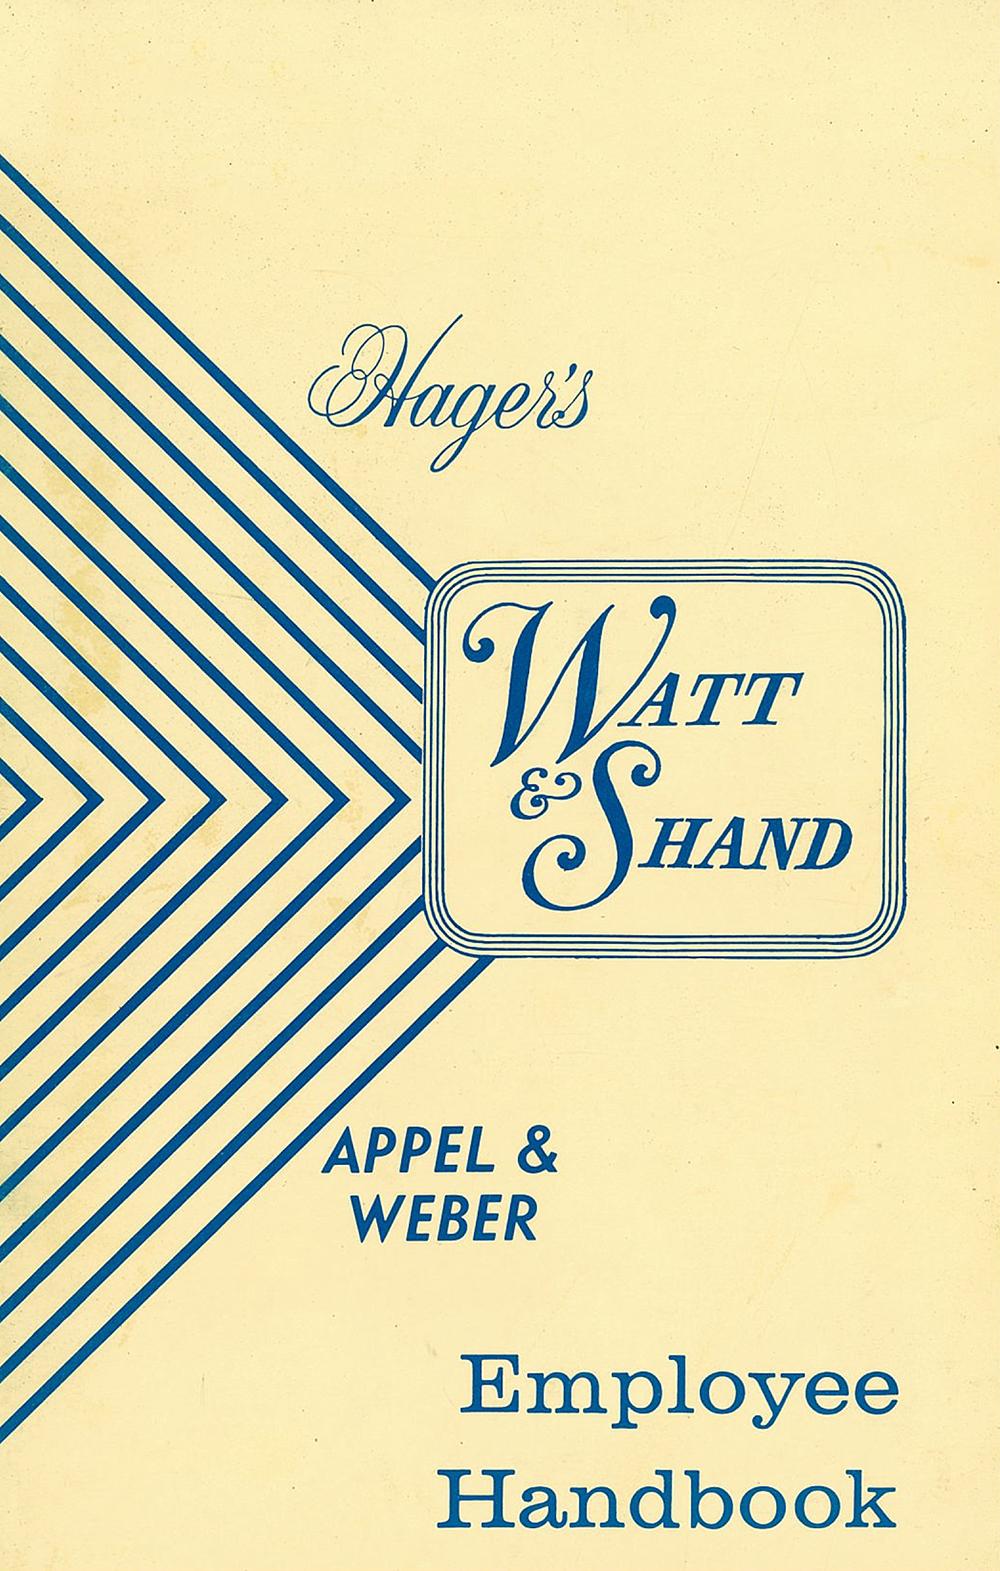 Watt & Shand Employee Handbook, revised January 1976